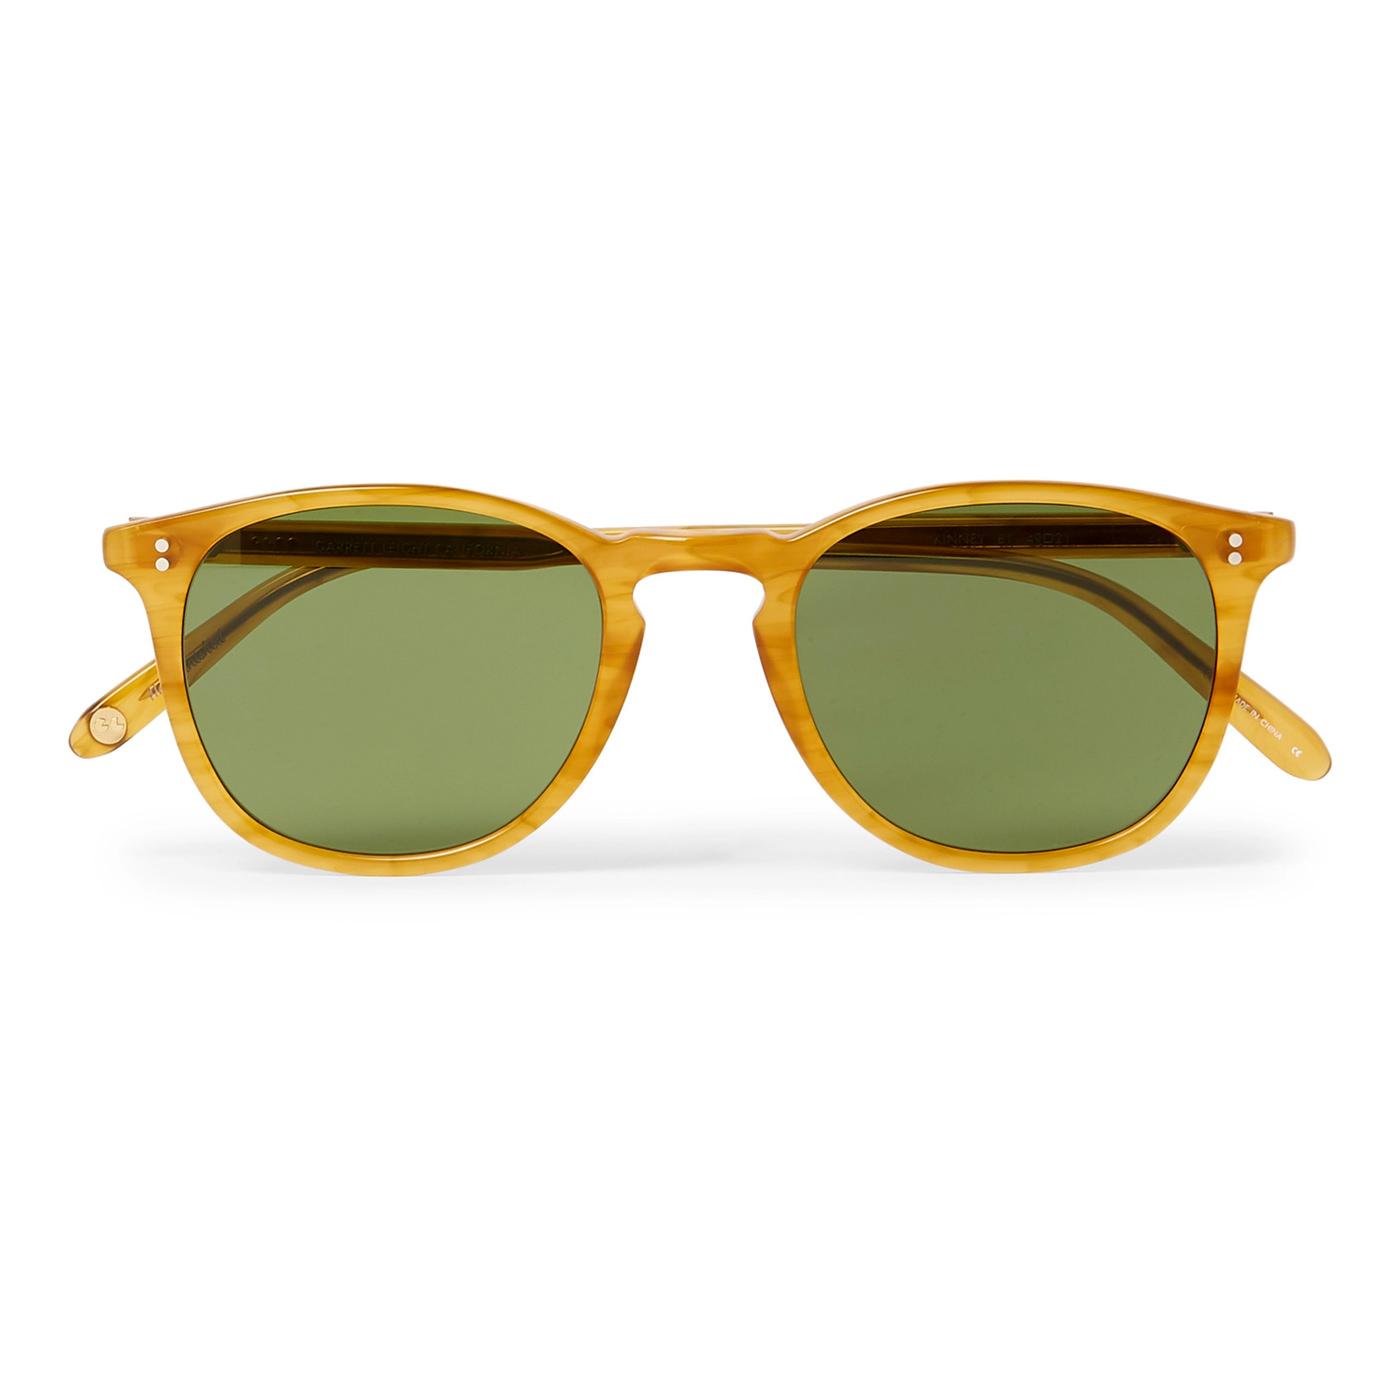 Style Mr Porter Lunettes Soleil Garrett Leight California Kinney Acetate